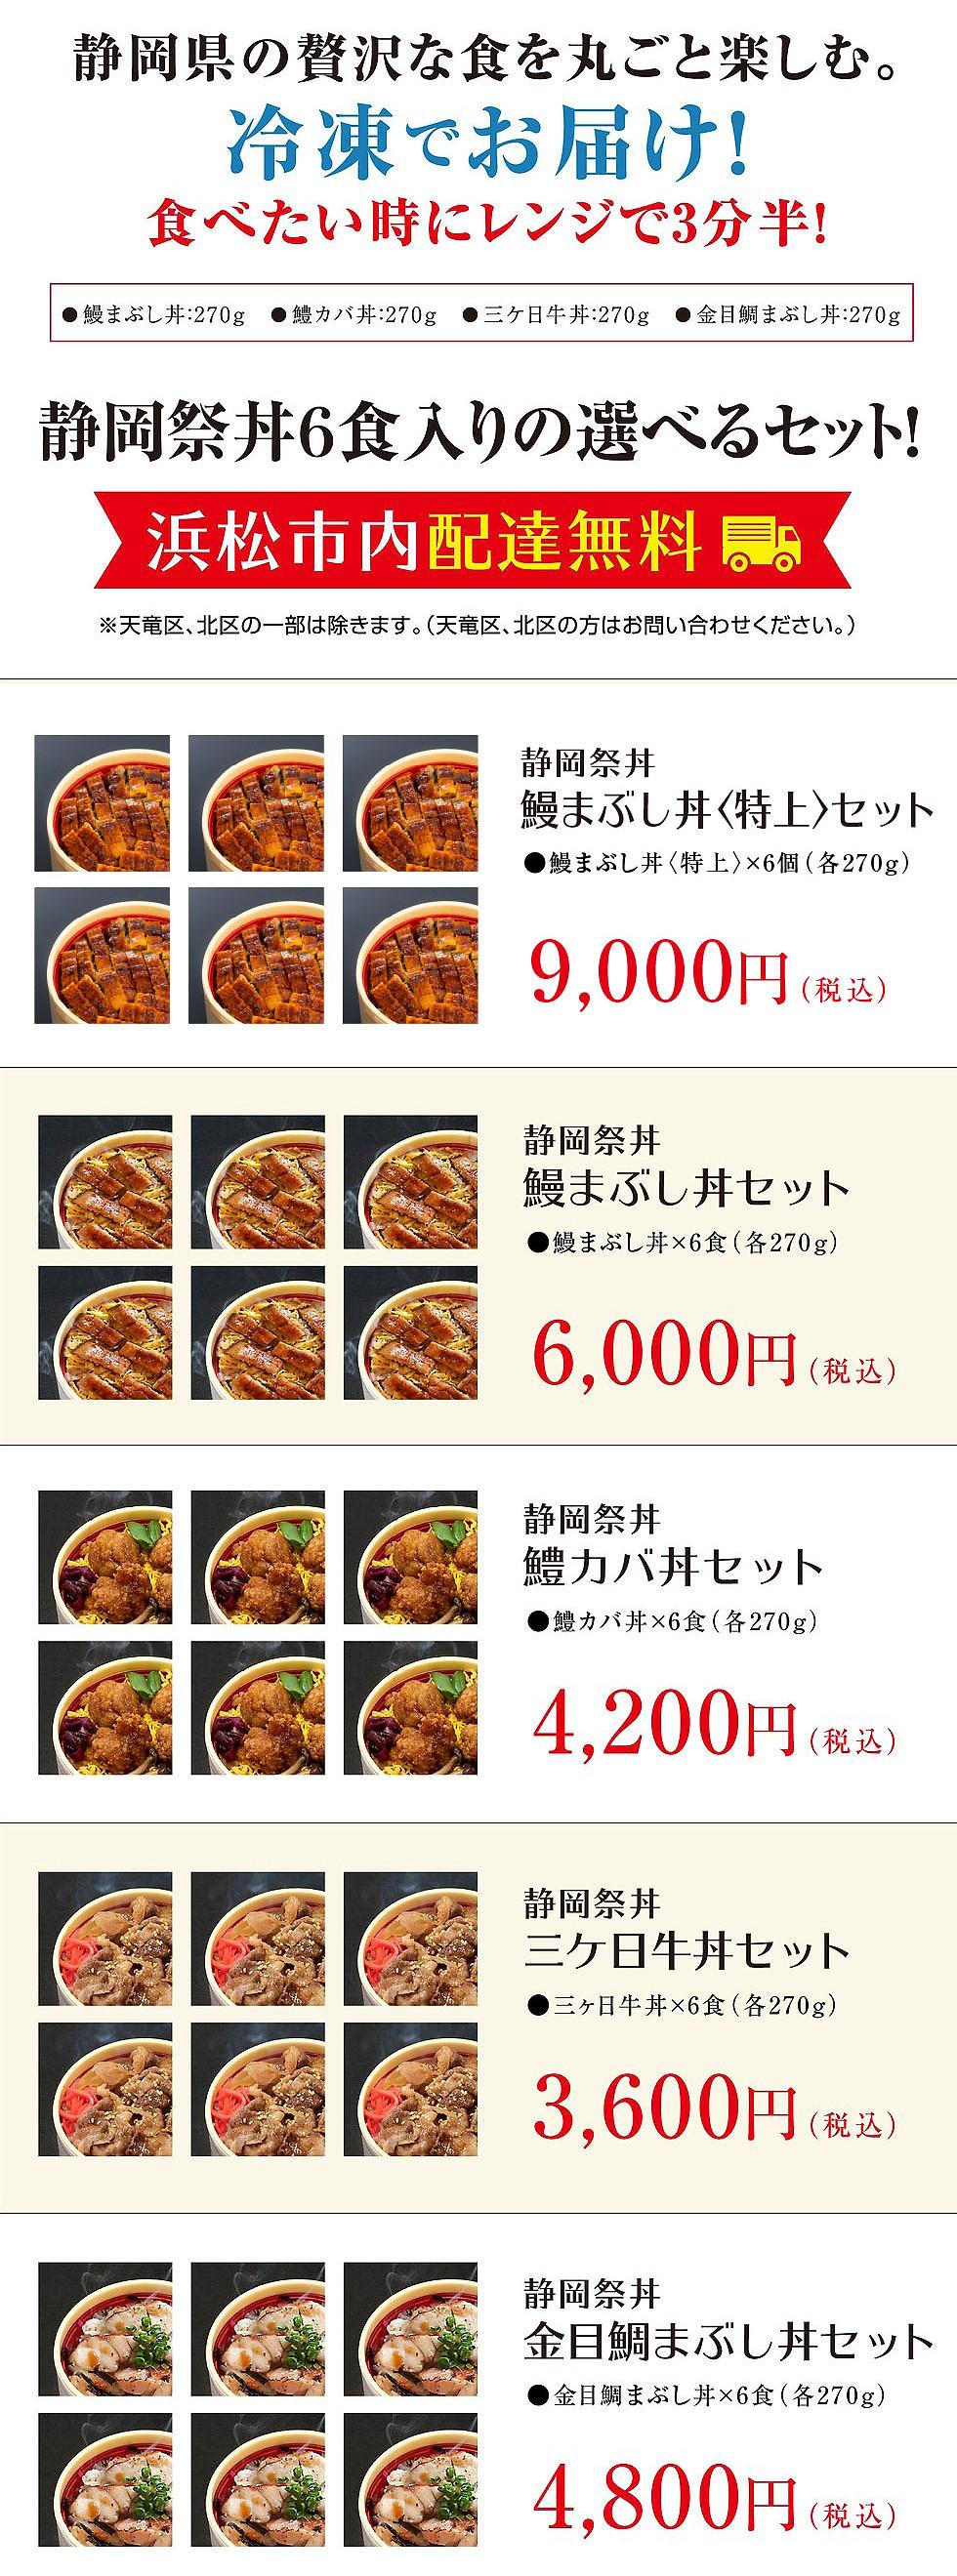 shizuokamatsuridon02.jpg